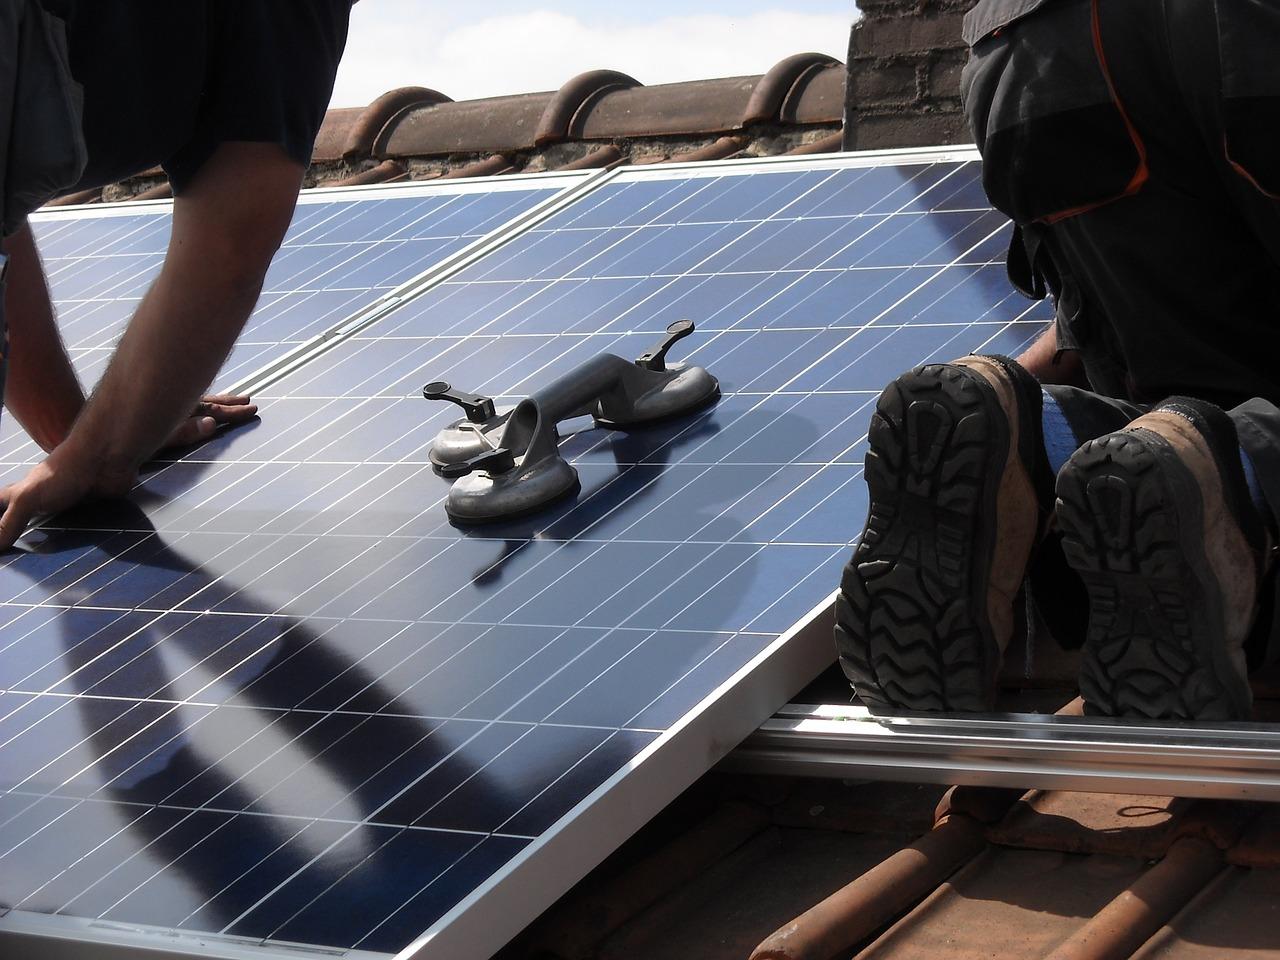 Installateur panneaux photovoltaiques  à Bois-d'Oingt